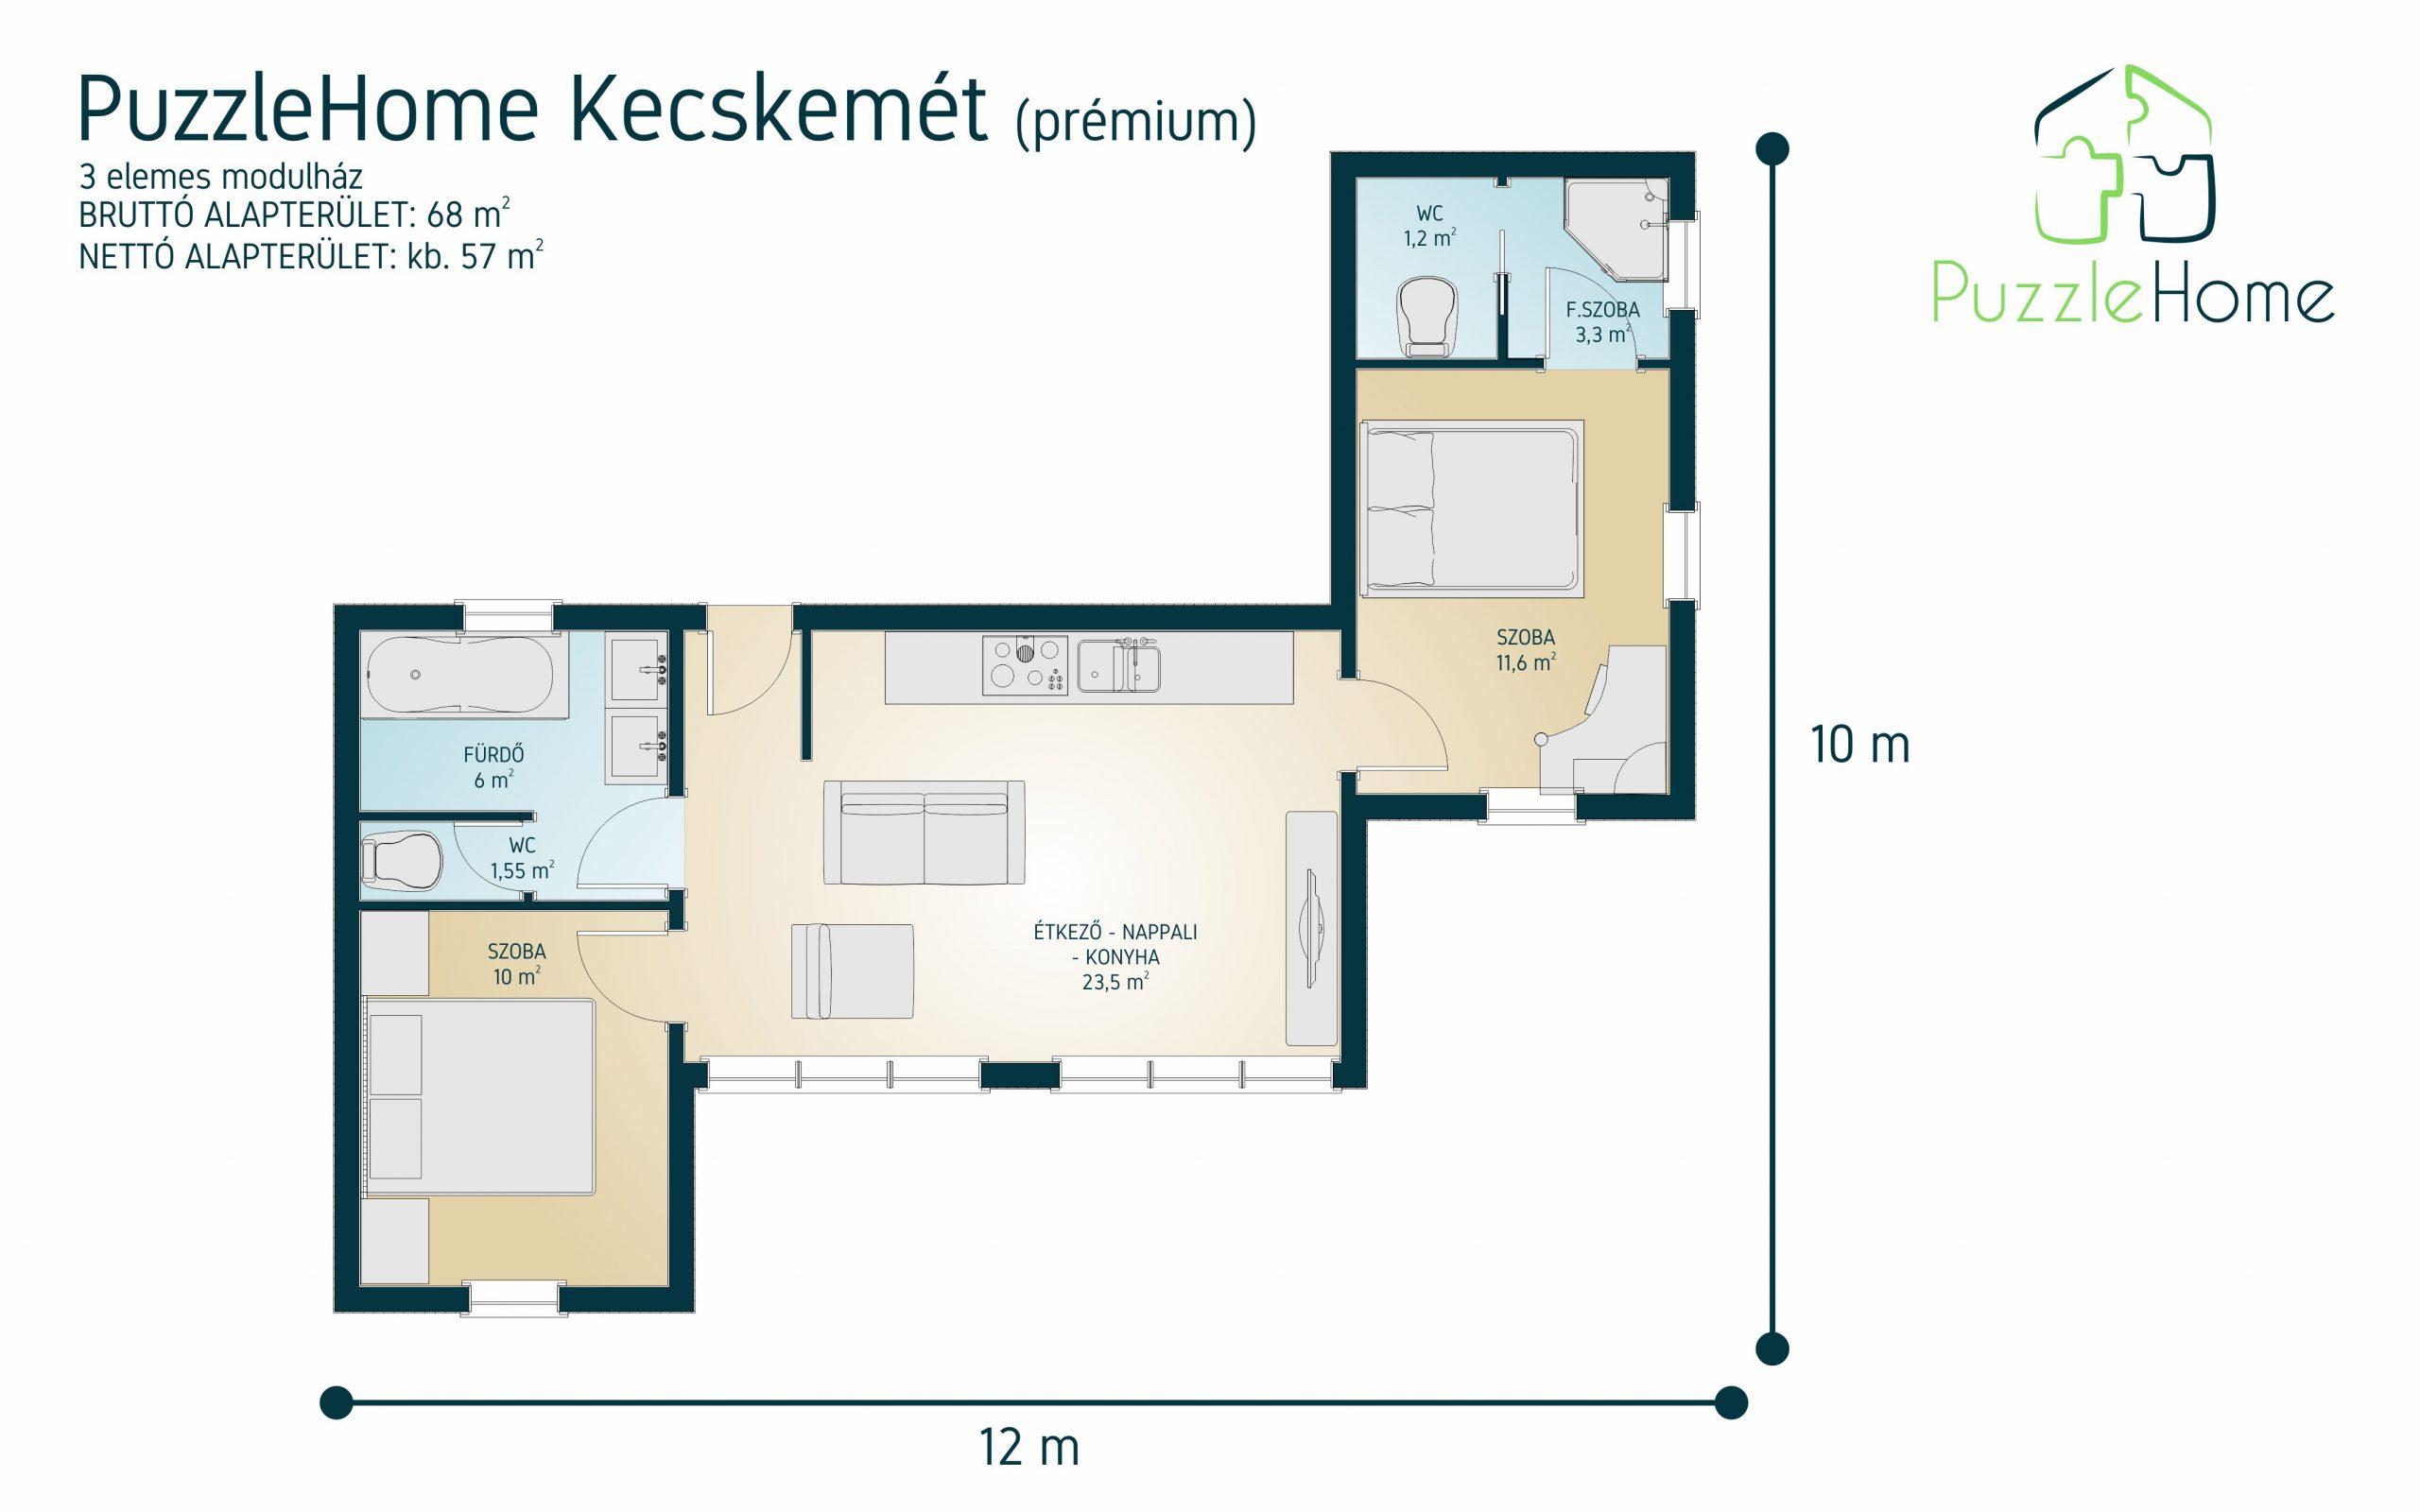 Kecskemét PuzzleHome Prémium magastetős ház alaprajza